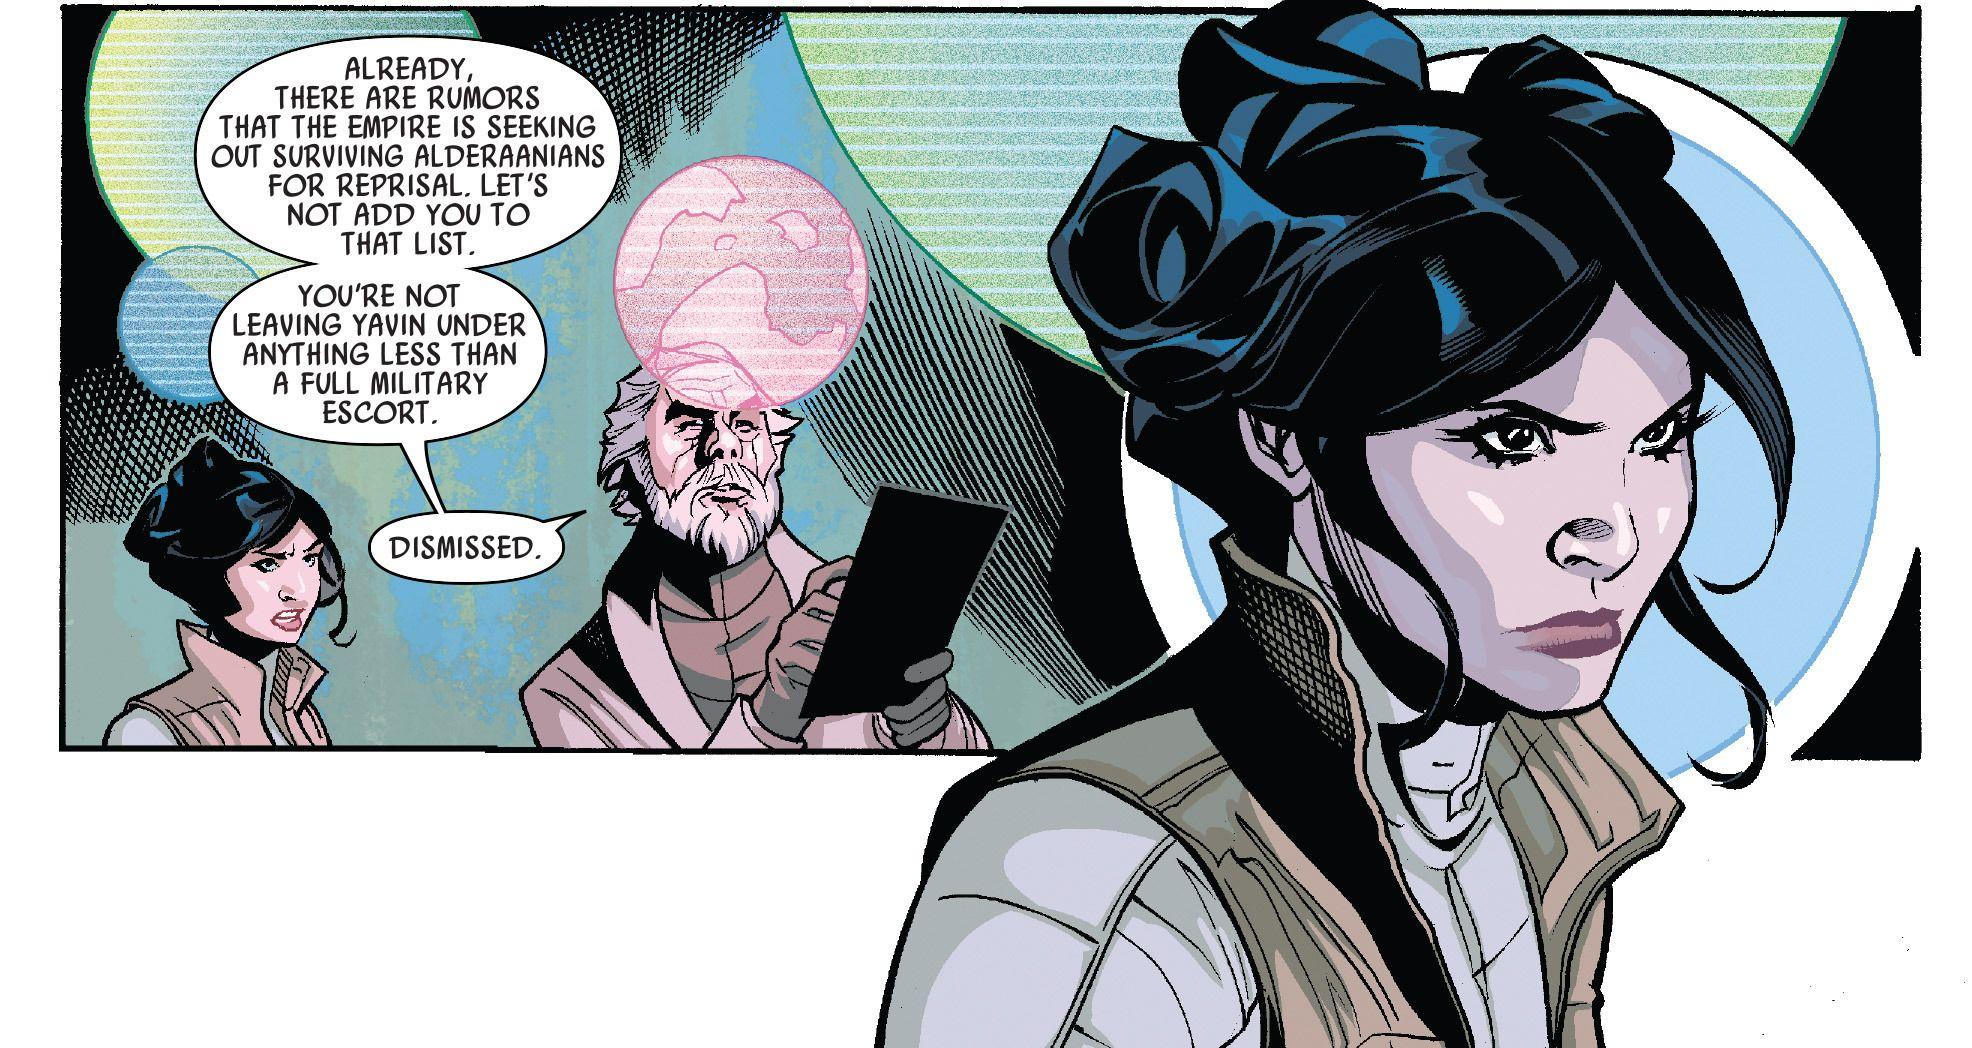 Leia Marvel comic